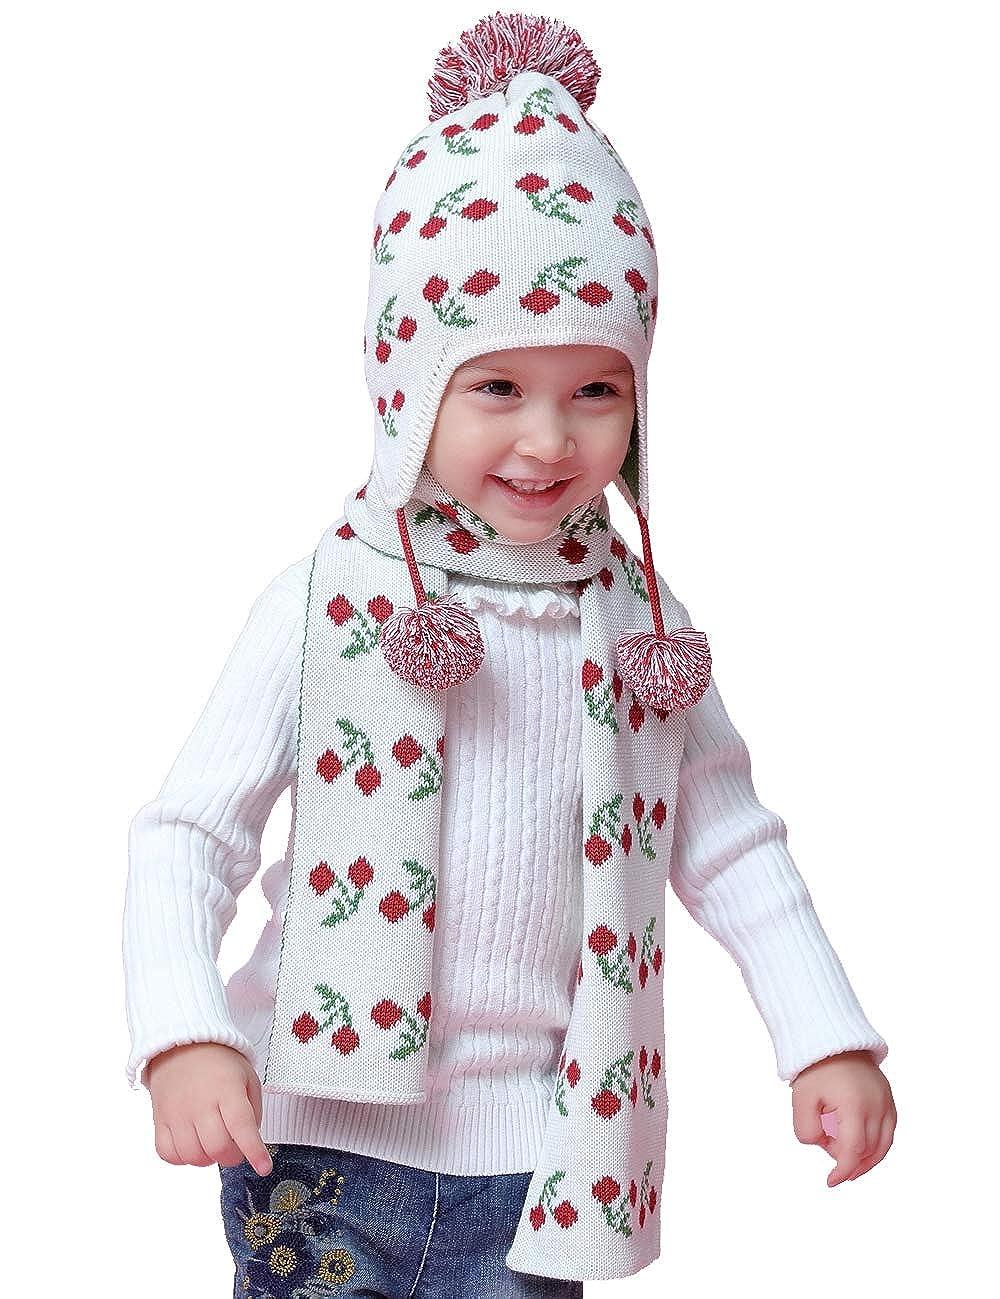 Echinodon Mütze Set Baby Kinder Mädchen / 2tlg Strickmütze + Schal Kindermütze Pudelmütze Herbst Winter Wintermützen